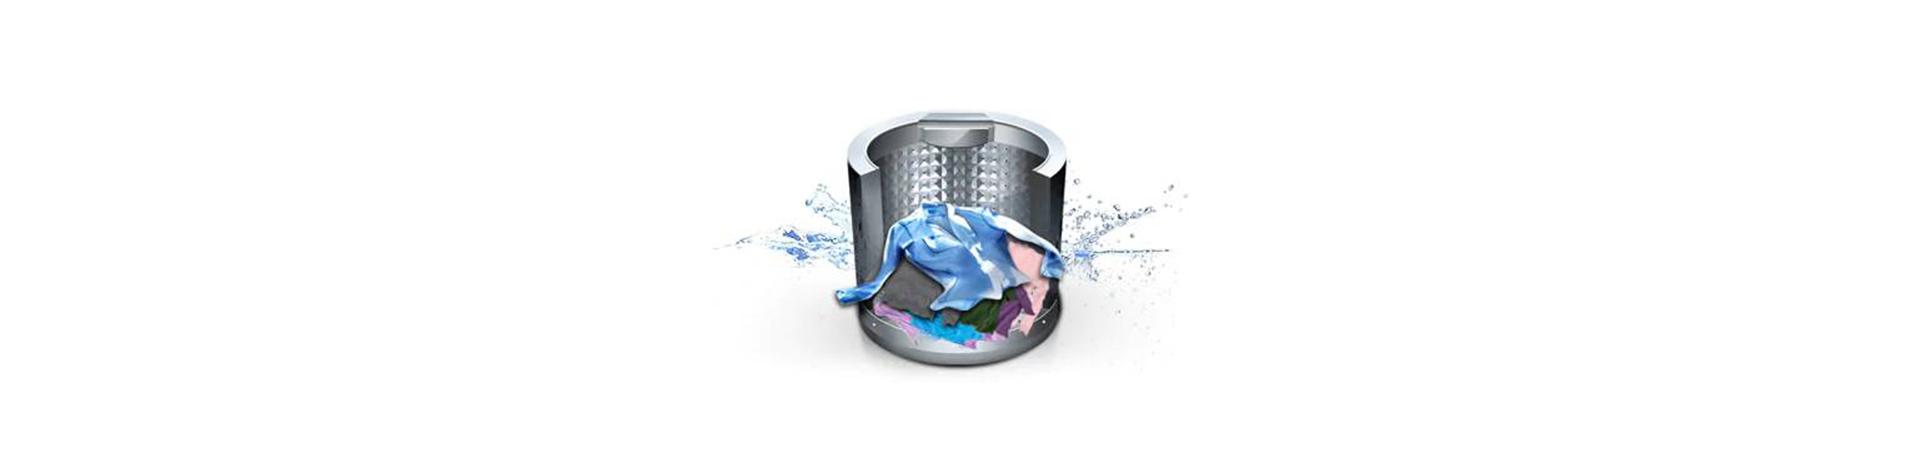 machine à laver samsung 9kg tunisie